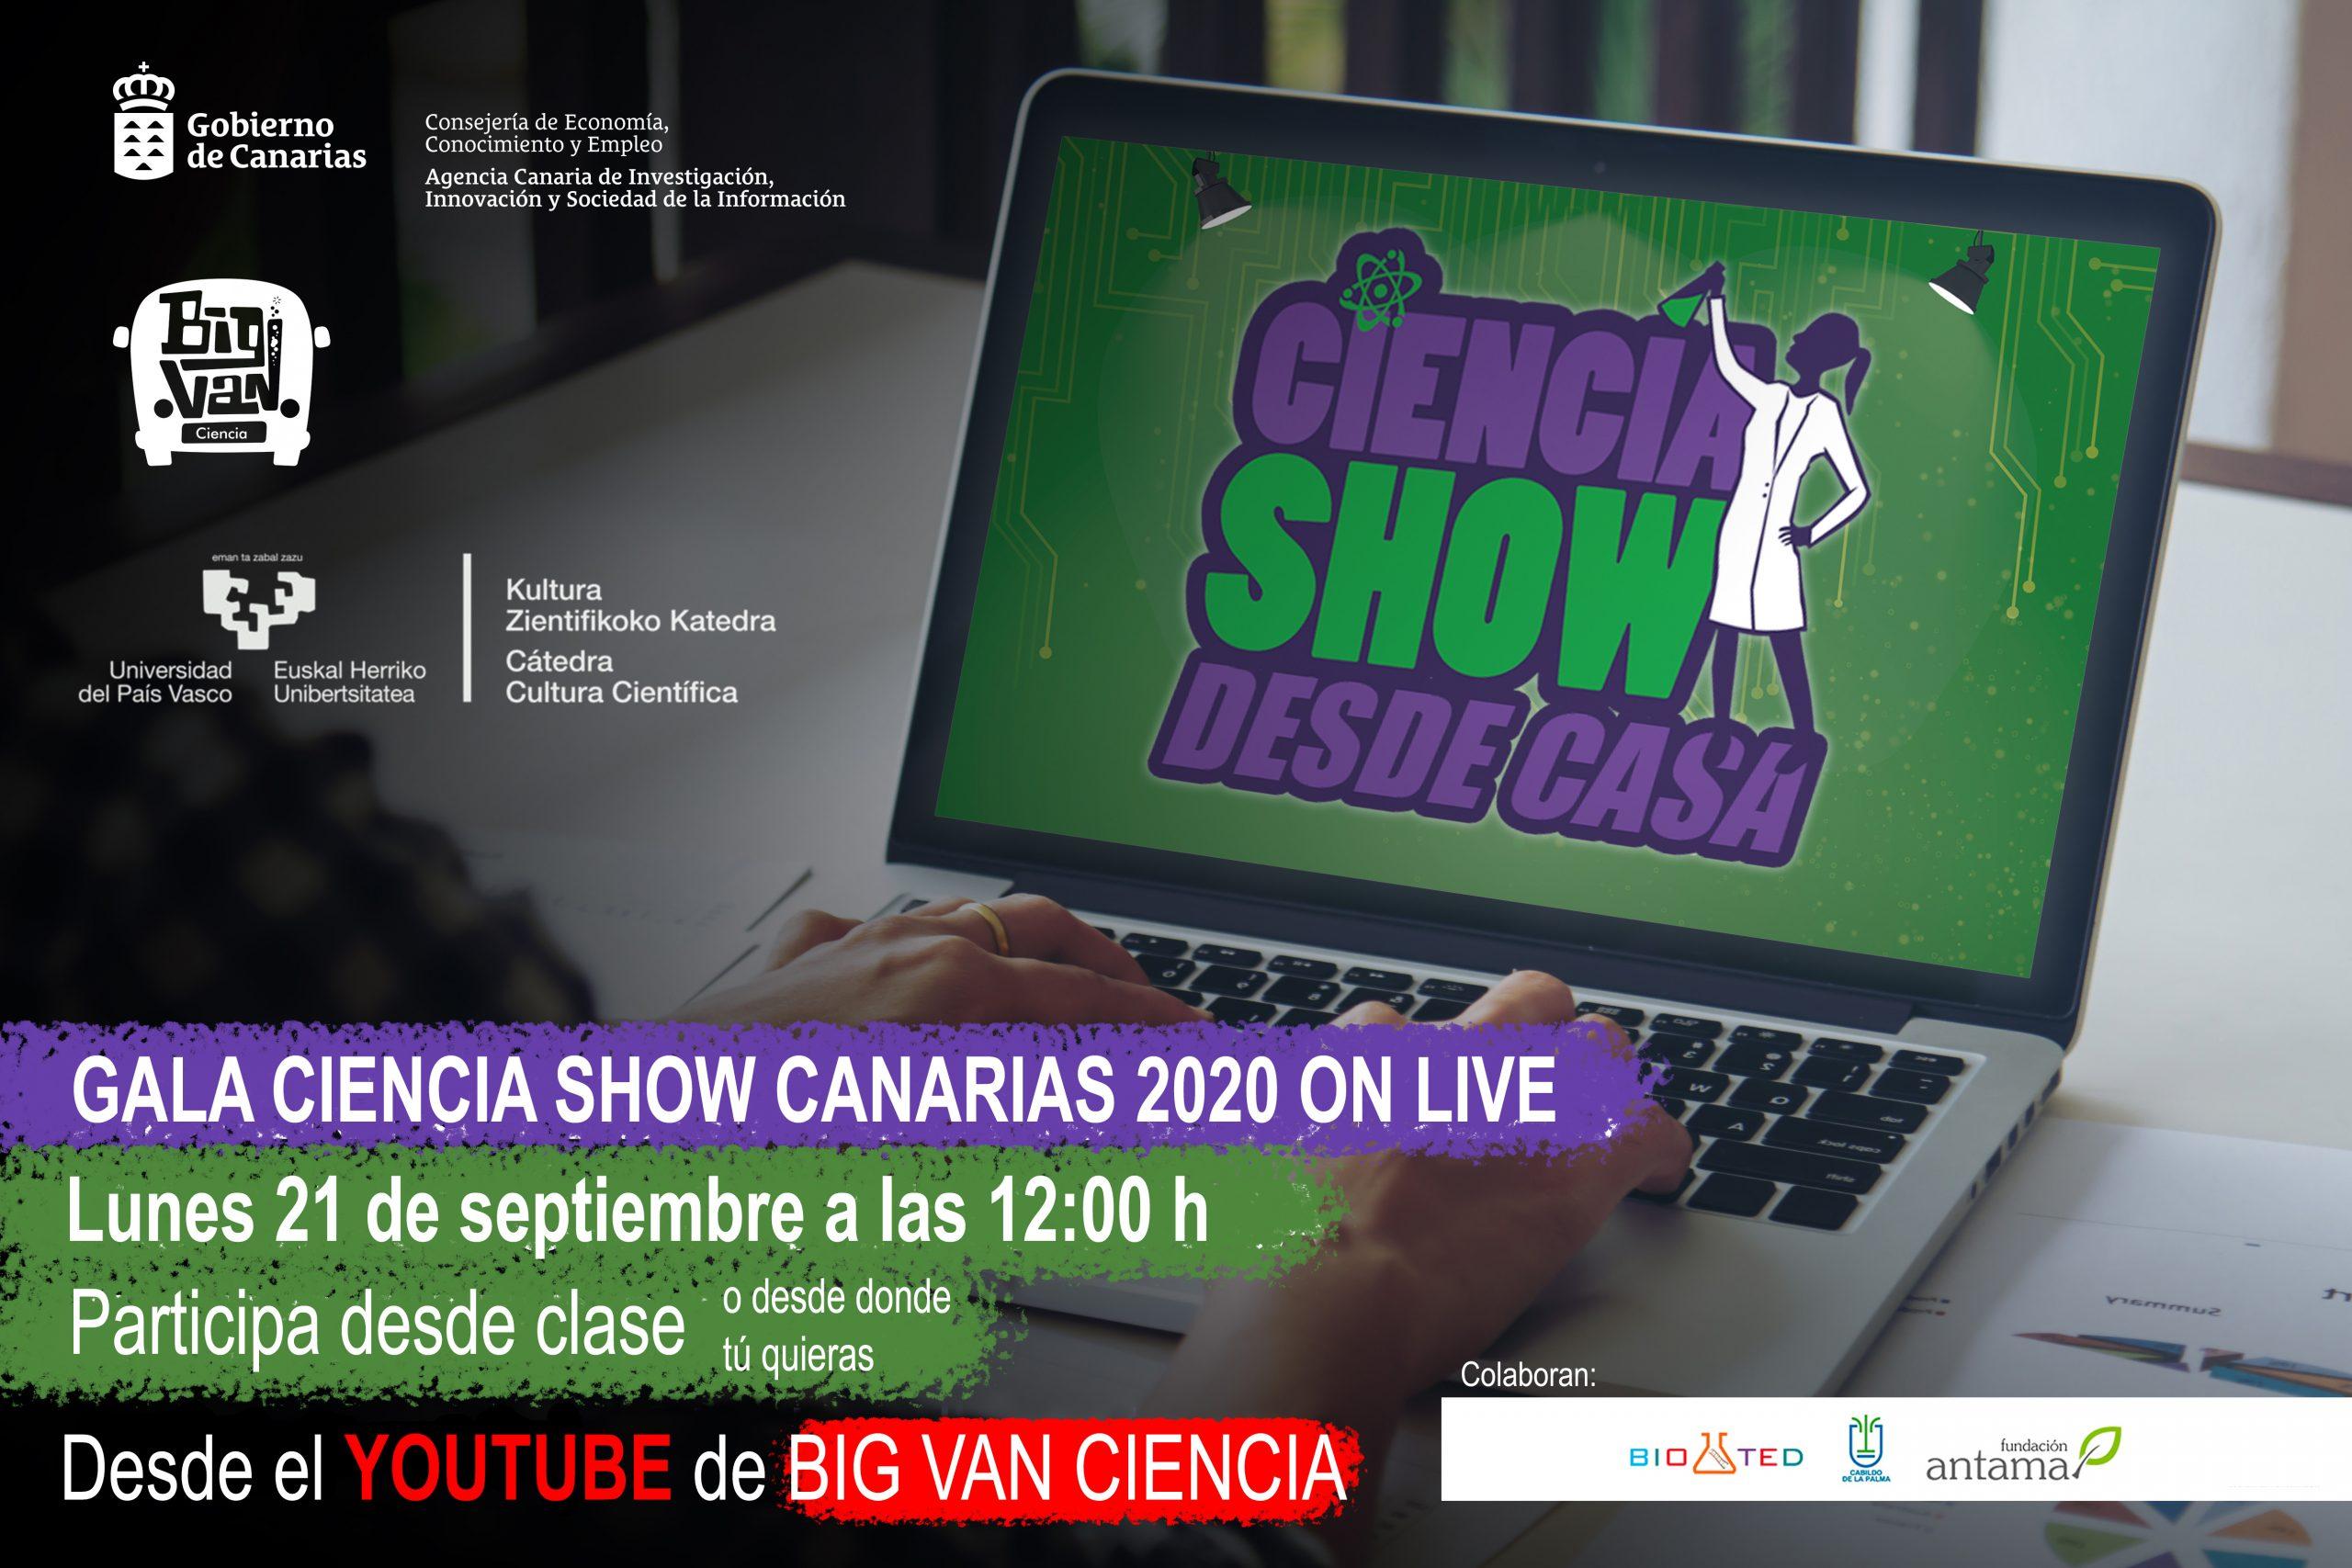 Gala OnLive de Ciencia Show Canarias 2020